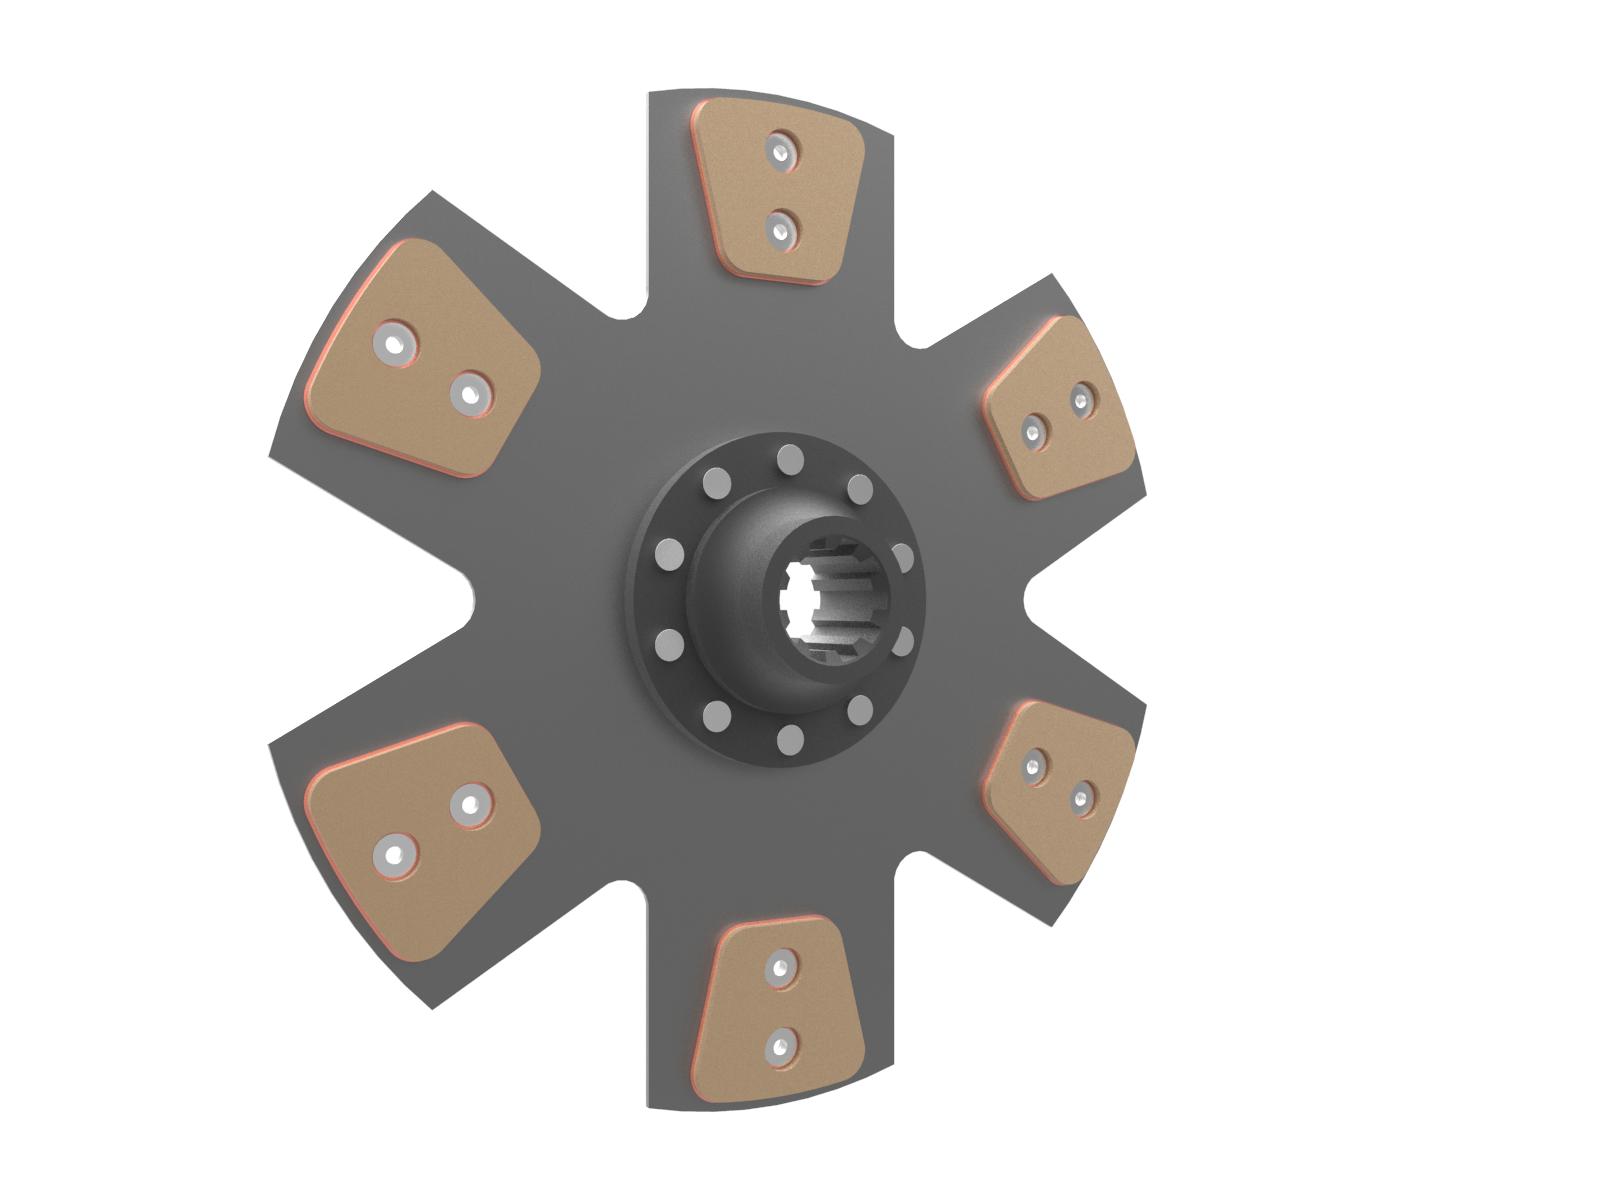 Debriyaj diski 6 ped